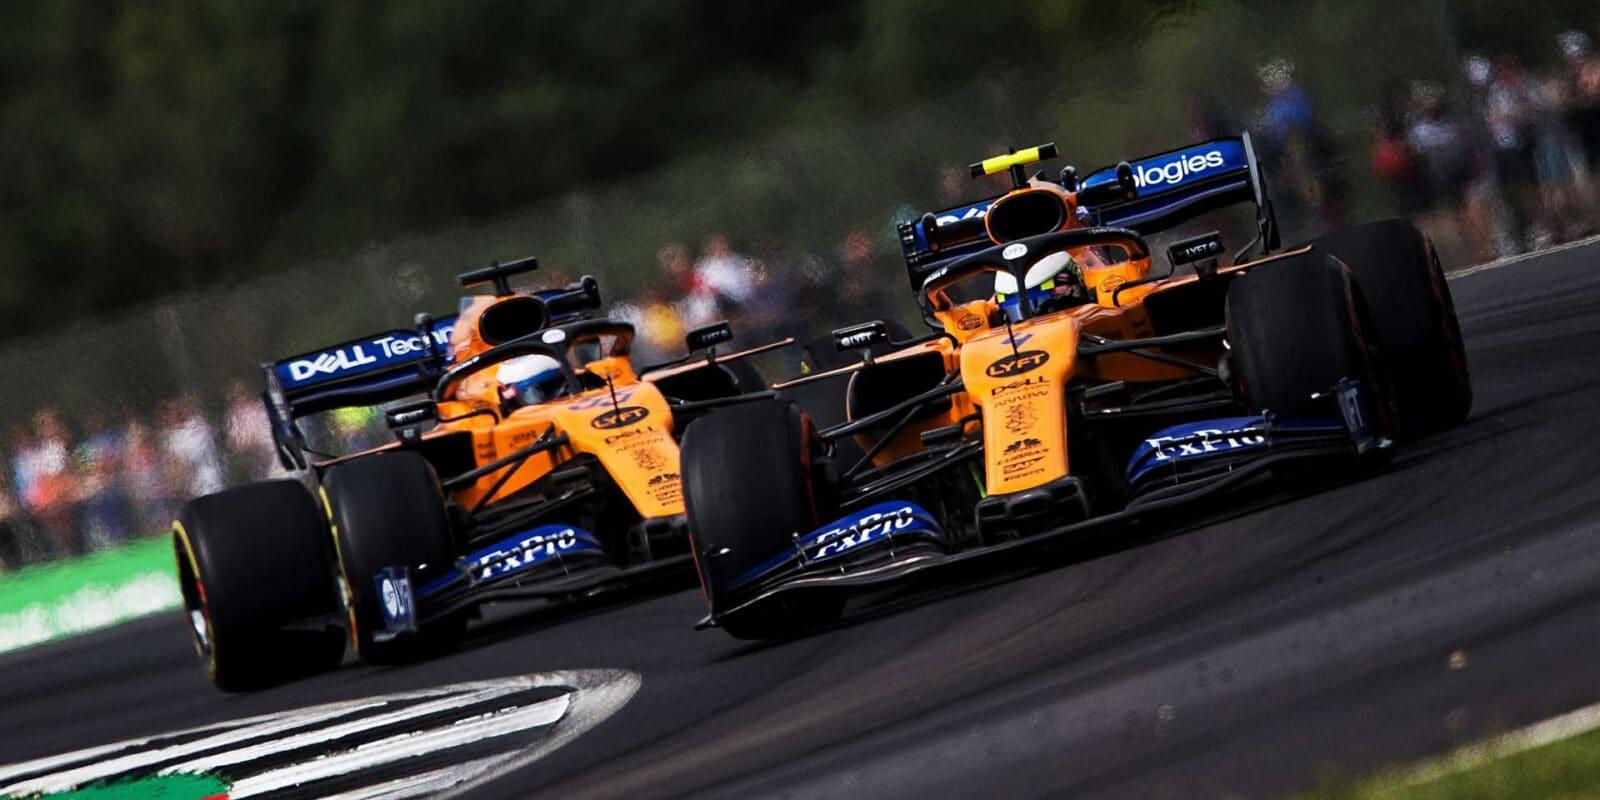 Silverstone pozpátku by byl zajímavý, přiznává Norris